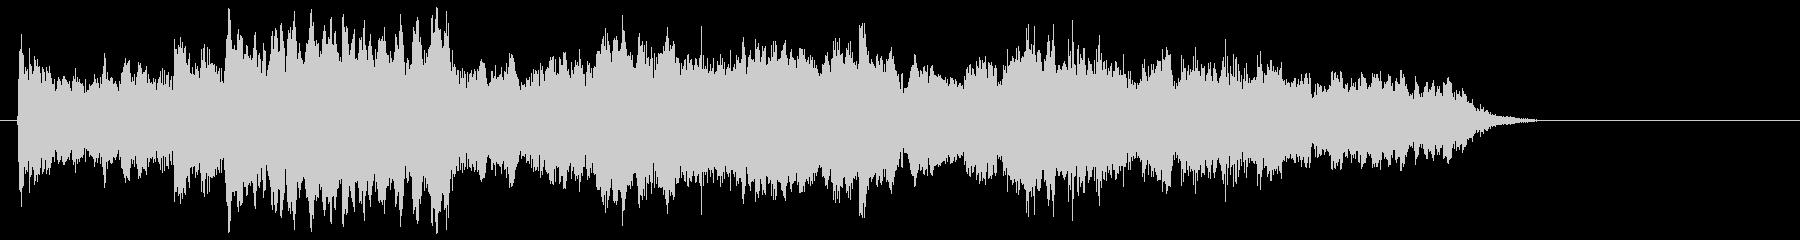 ゆったりとしとやかなピアノジングルの未再生の波形